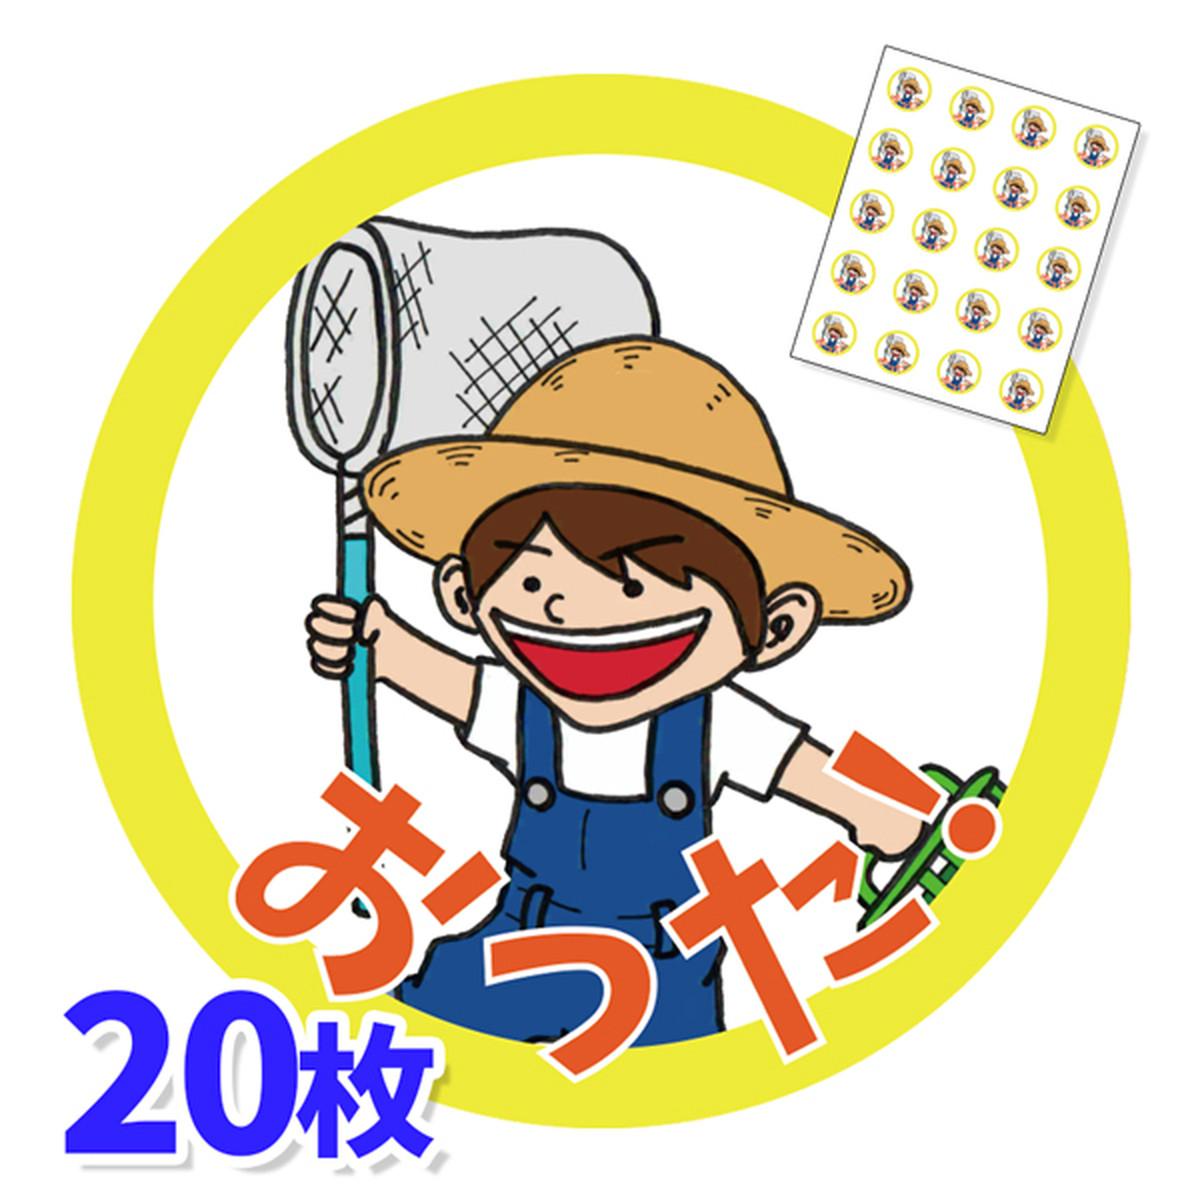 むし 岡 だ いき 【今年初】むし岡キックでクワガタ採集!